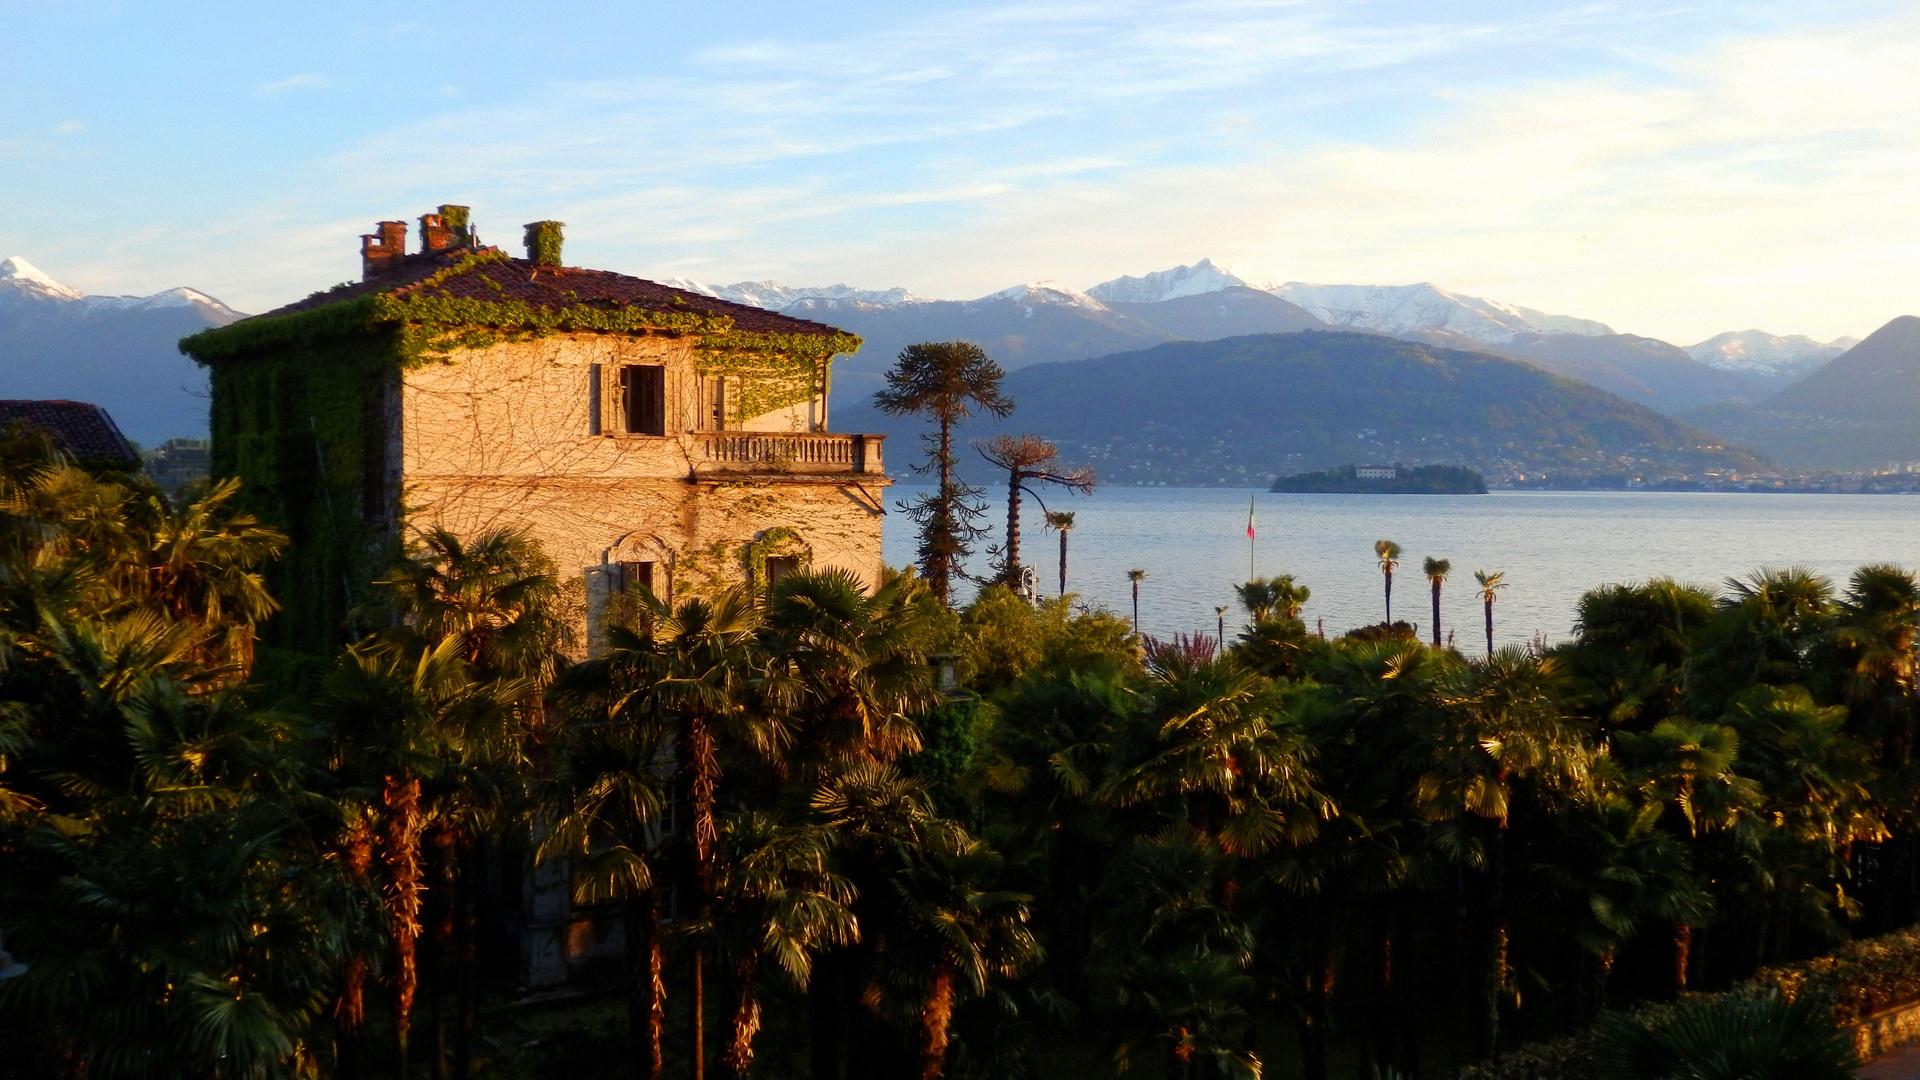 Verlassene Villa am Lago Maggiore